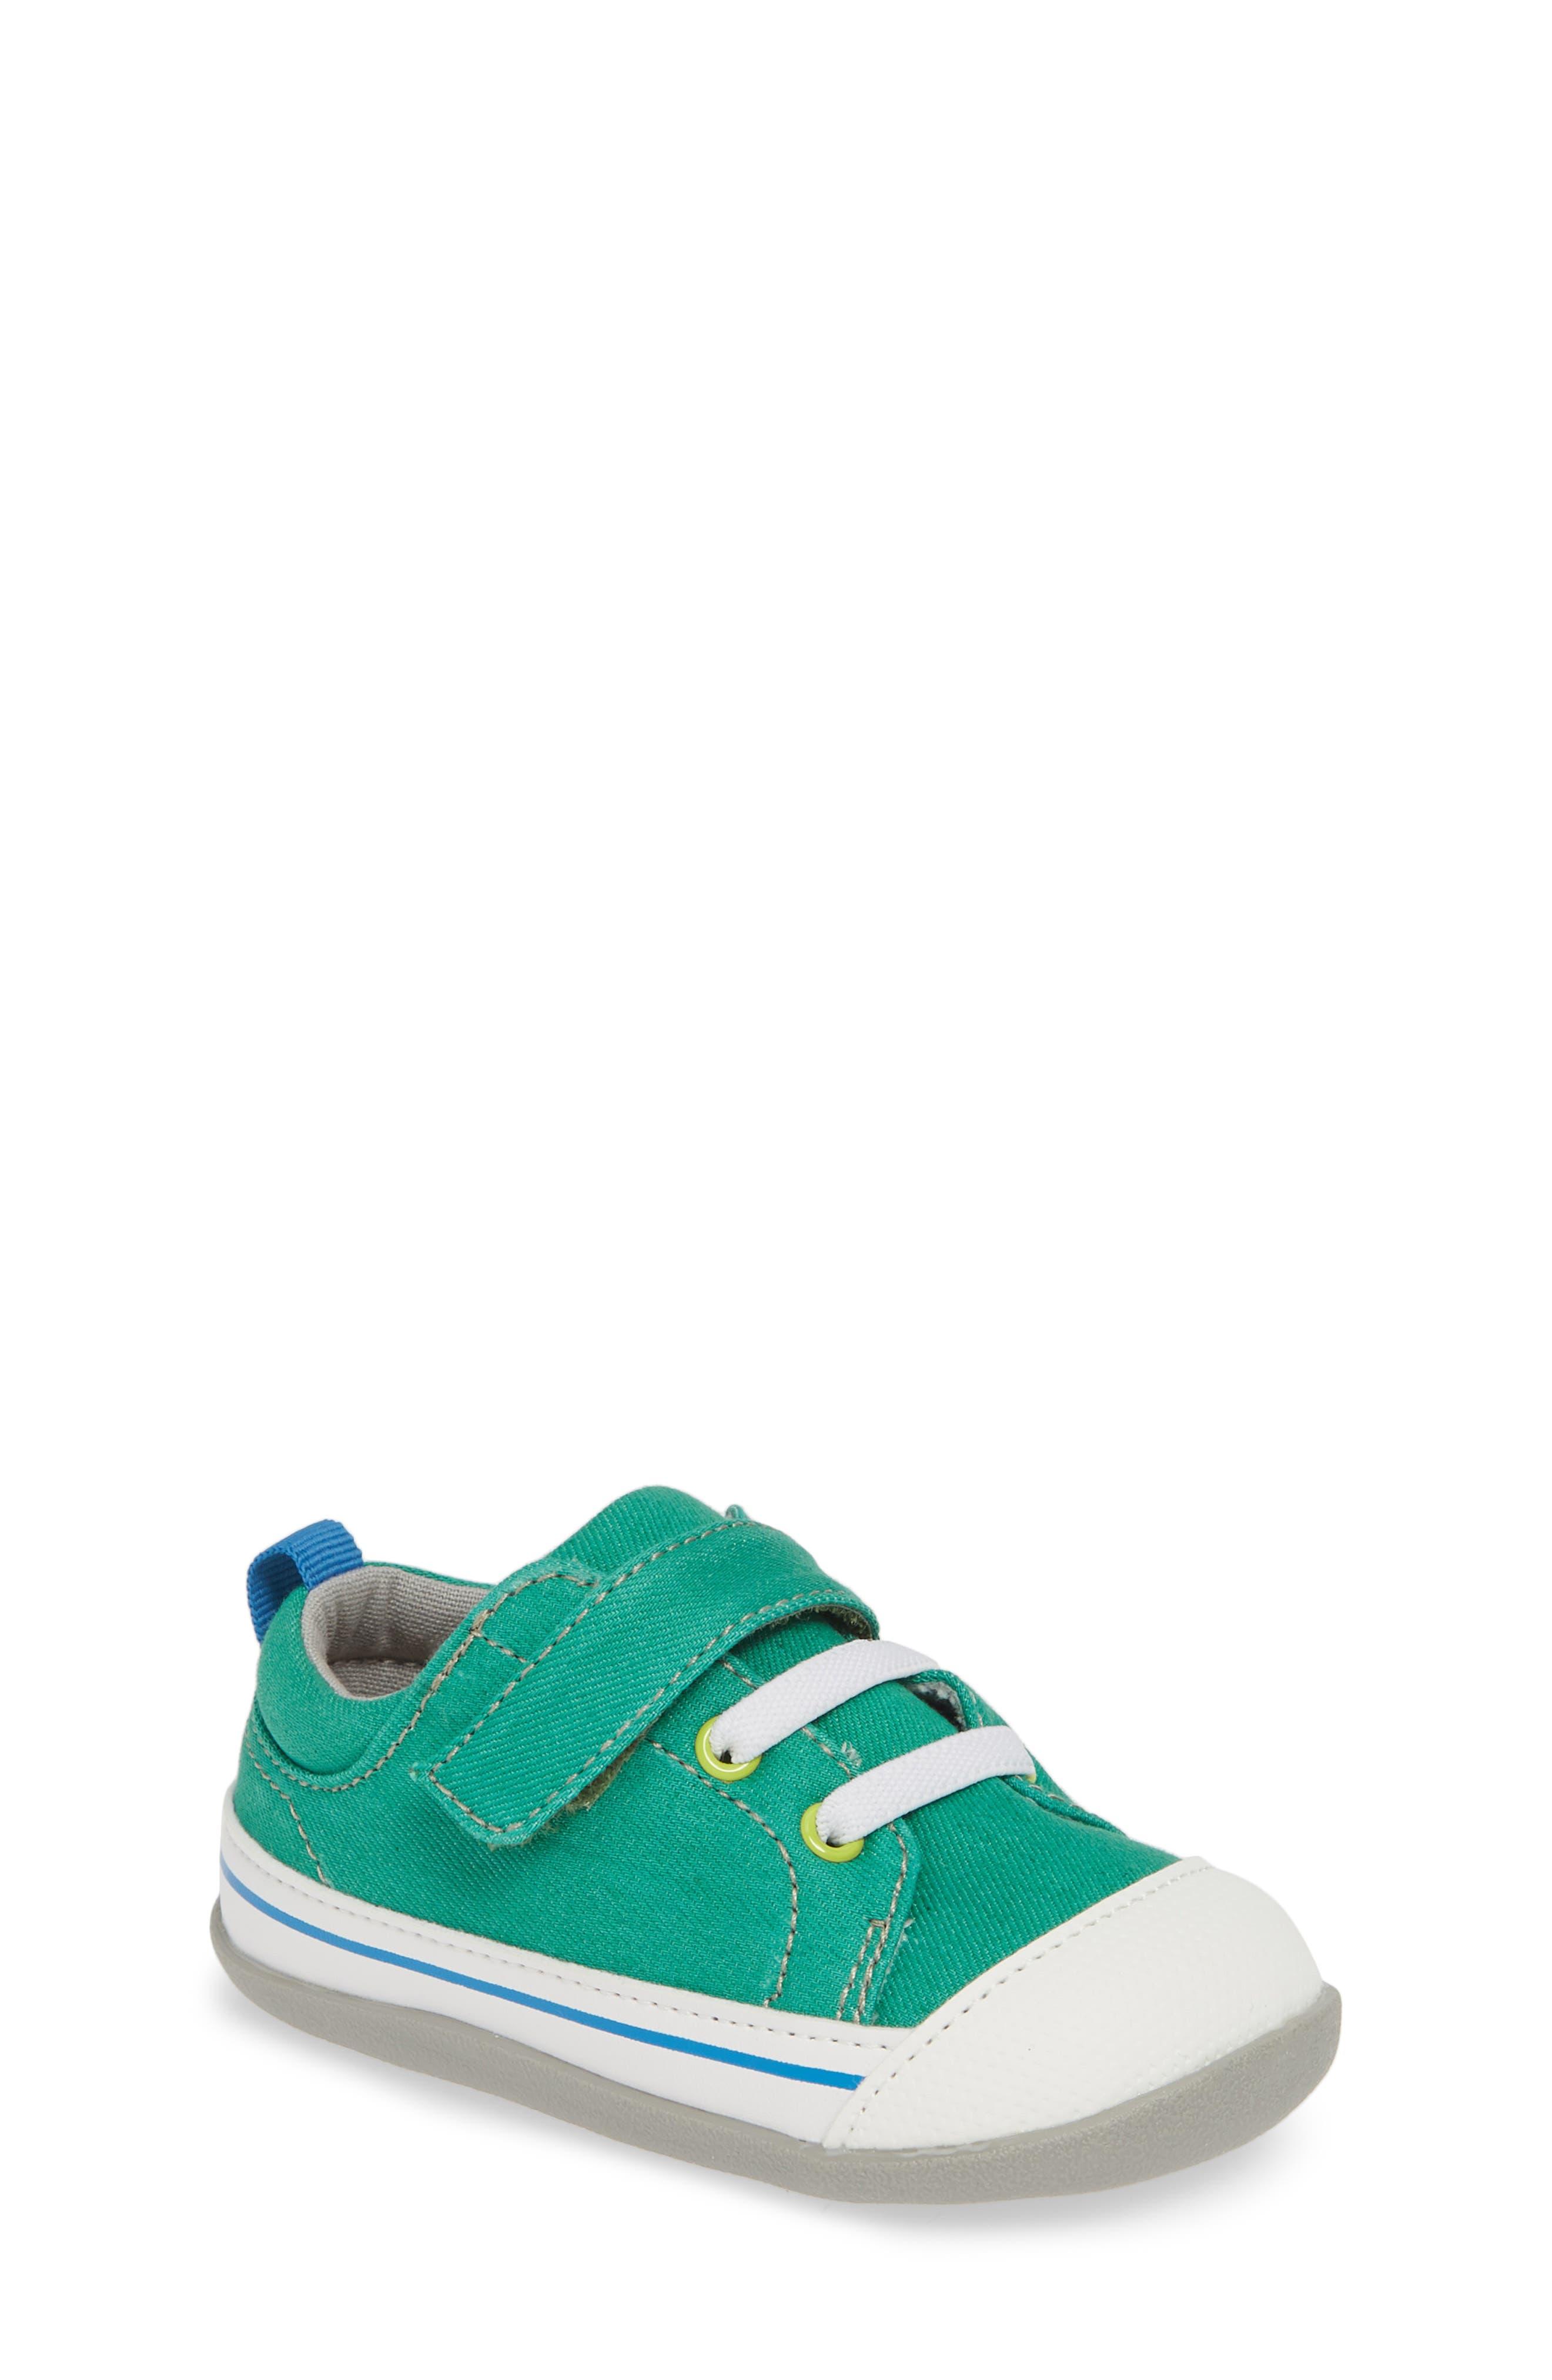 SEE KAI RUN, Stevie II Sneaker, Main thumbnail 1, color, GREEN/ GREEN DENIM